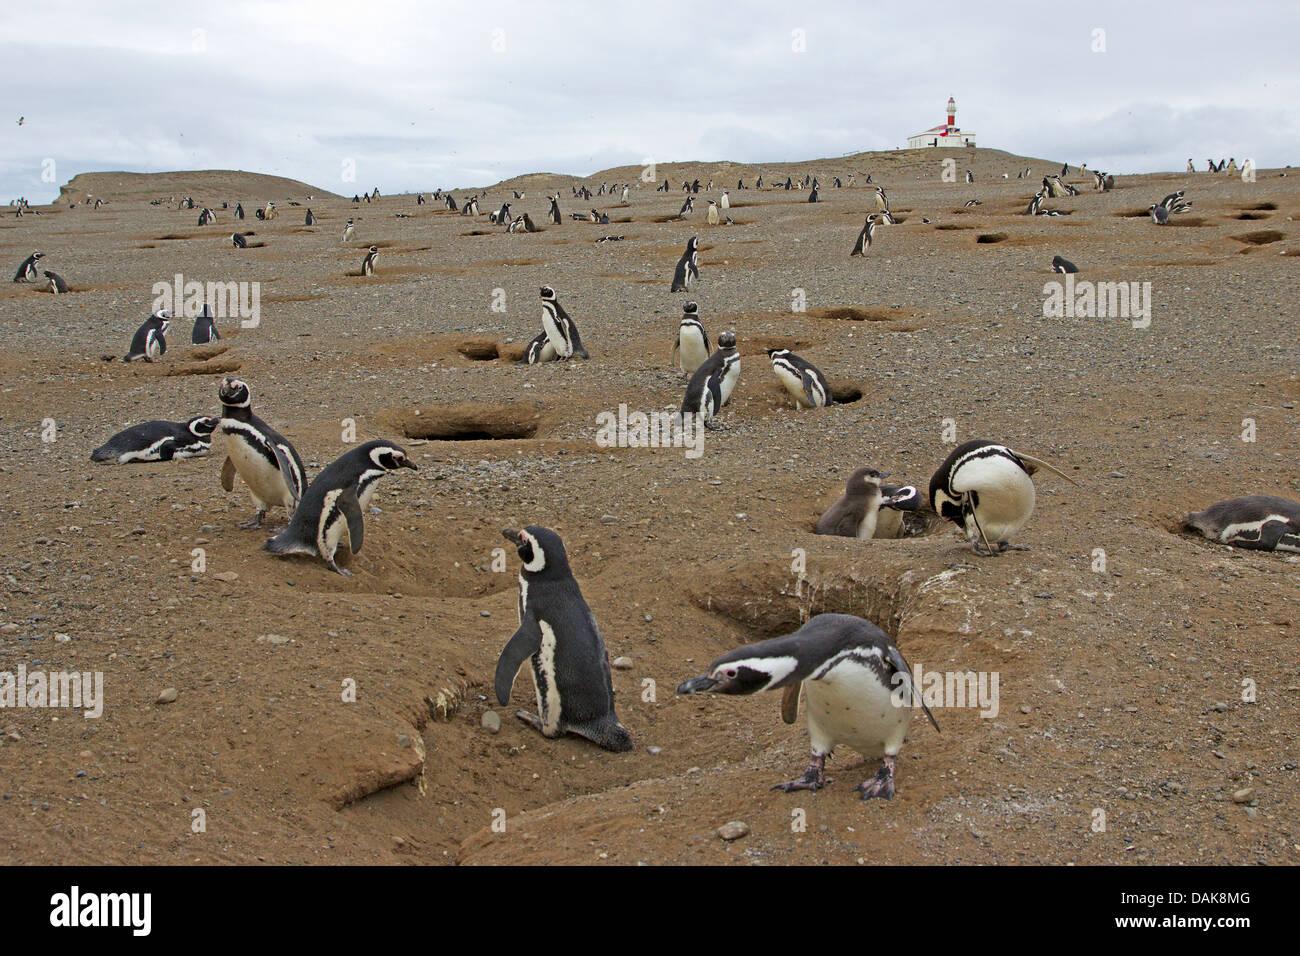 Magellanic penguin (Spheniscus magellanicus), penguin colony, Chile, Isla Magdalena, Punta Arenas Stock Photo